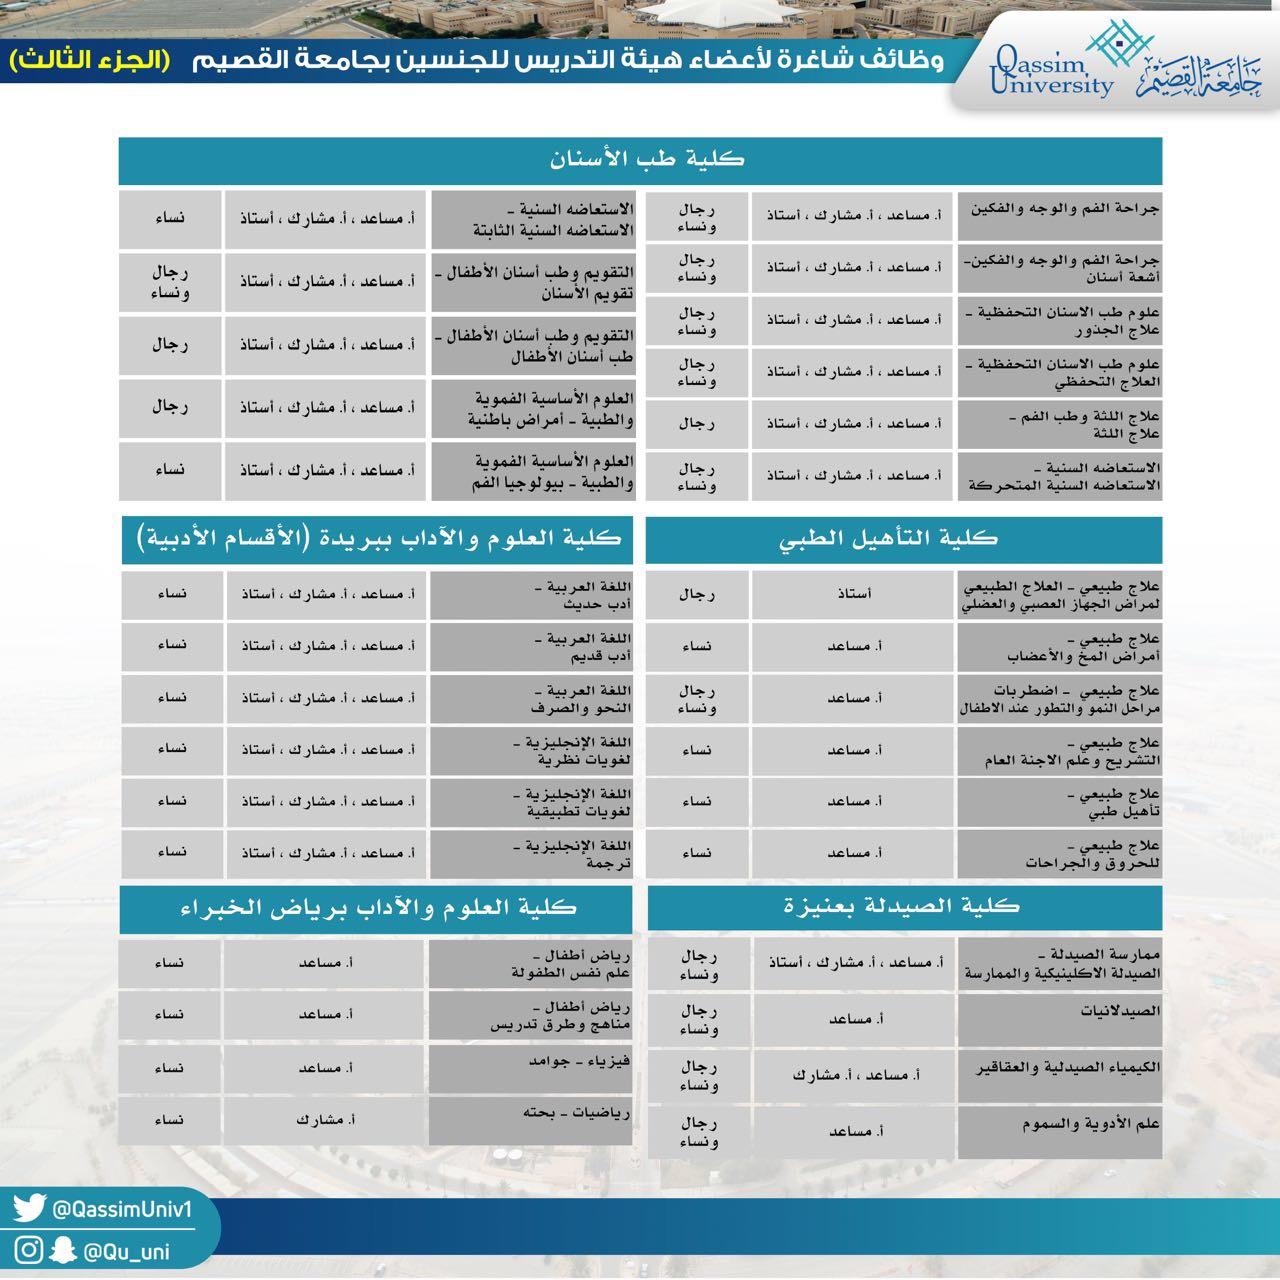 جامعة القصيم الجامعة تعلن عن طرح عدد من الوظائف لأعضاء هيئة